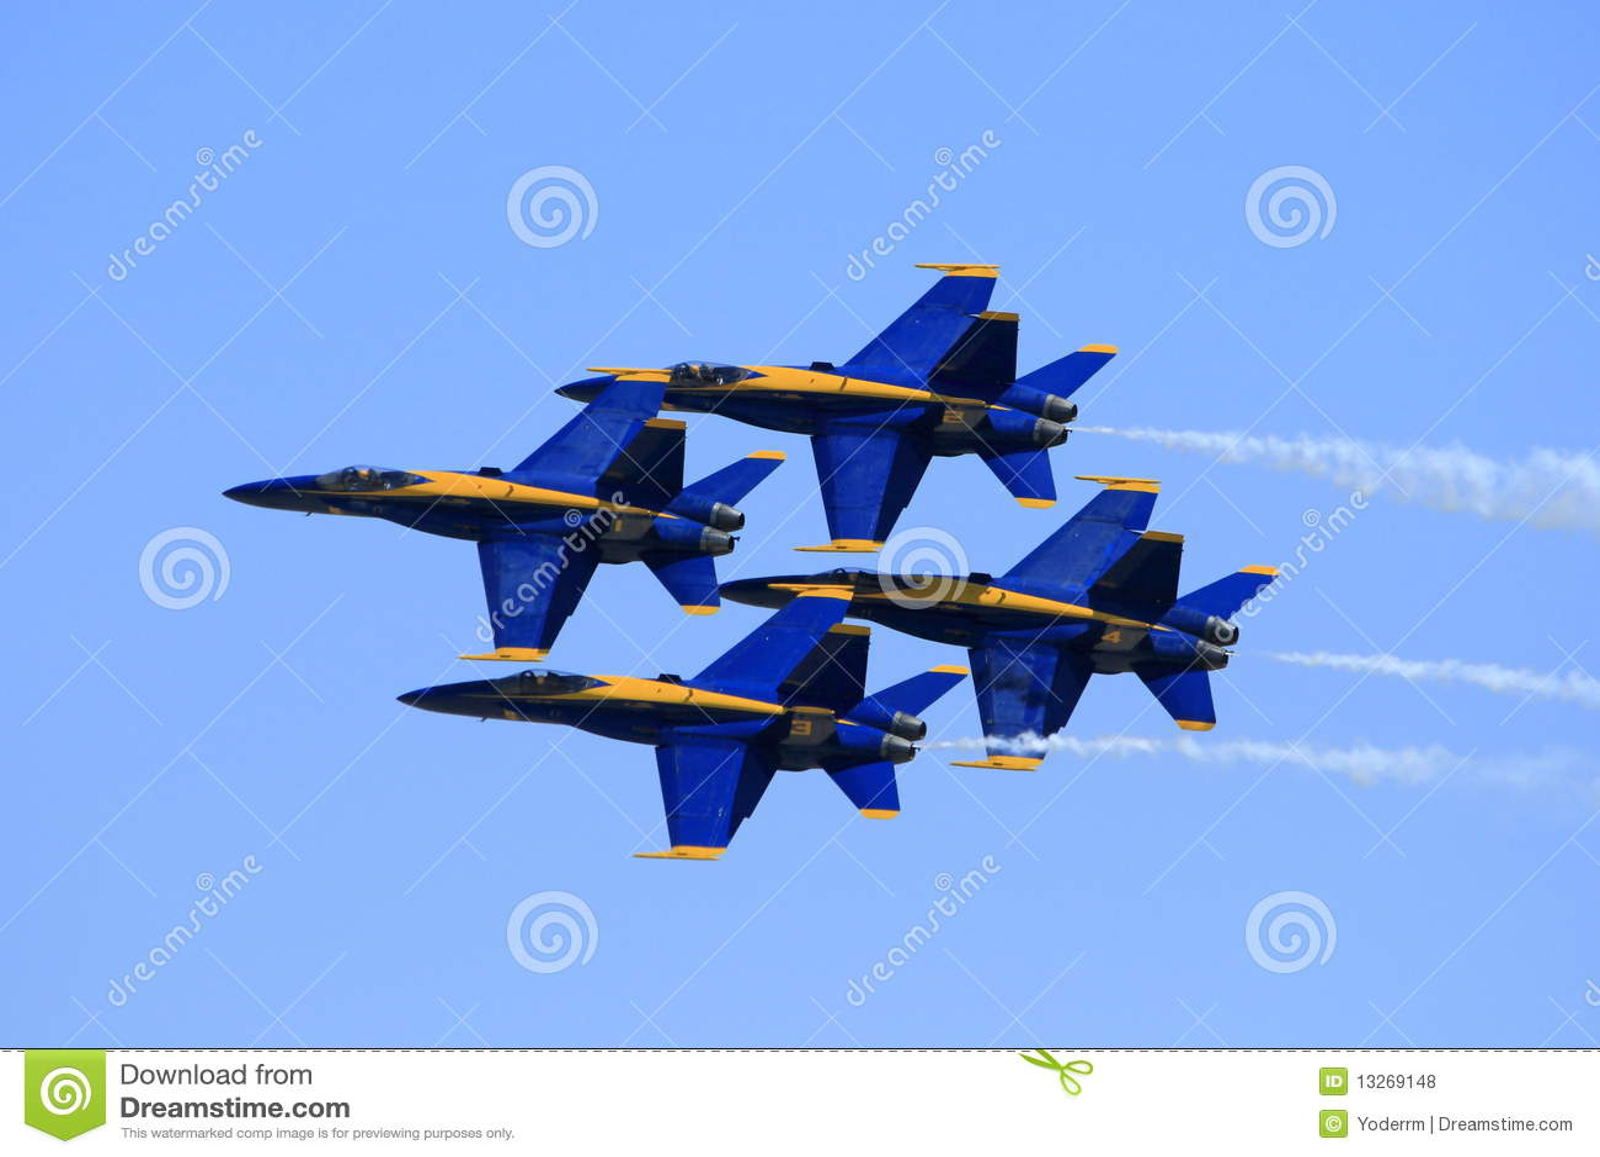 Flugzeuge in der Anordnung